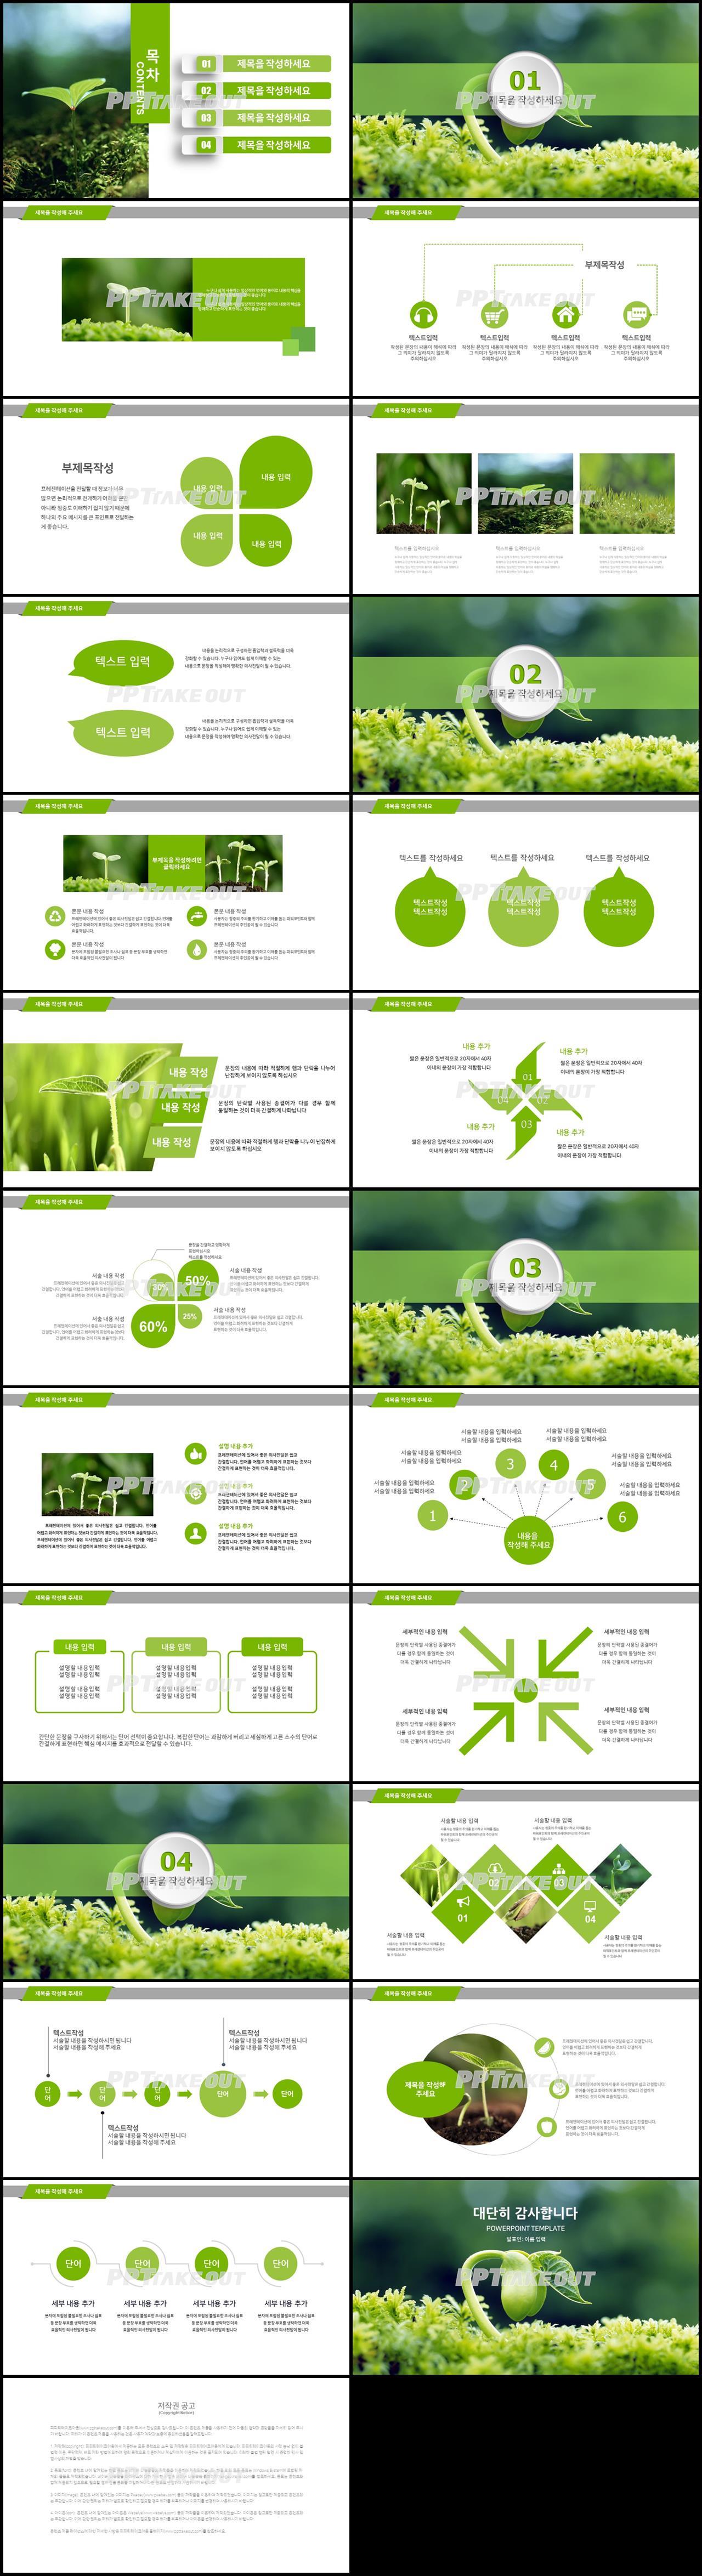 꽃과 동식물 주제 녹색 단아한 맞춤형 파워포인트서식 다운로드 상세보기